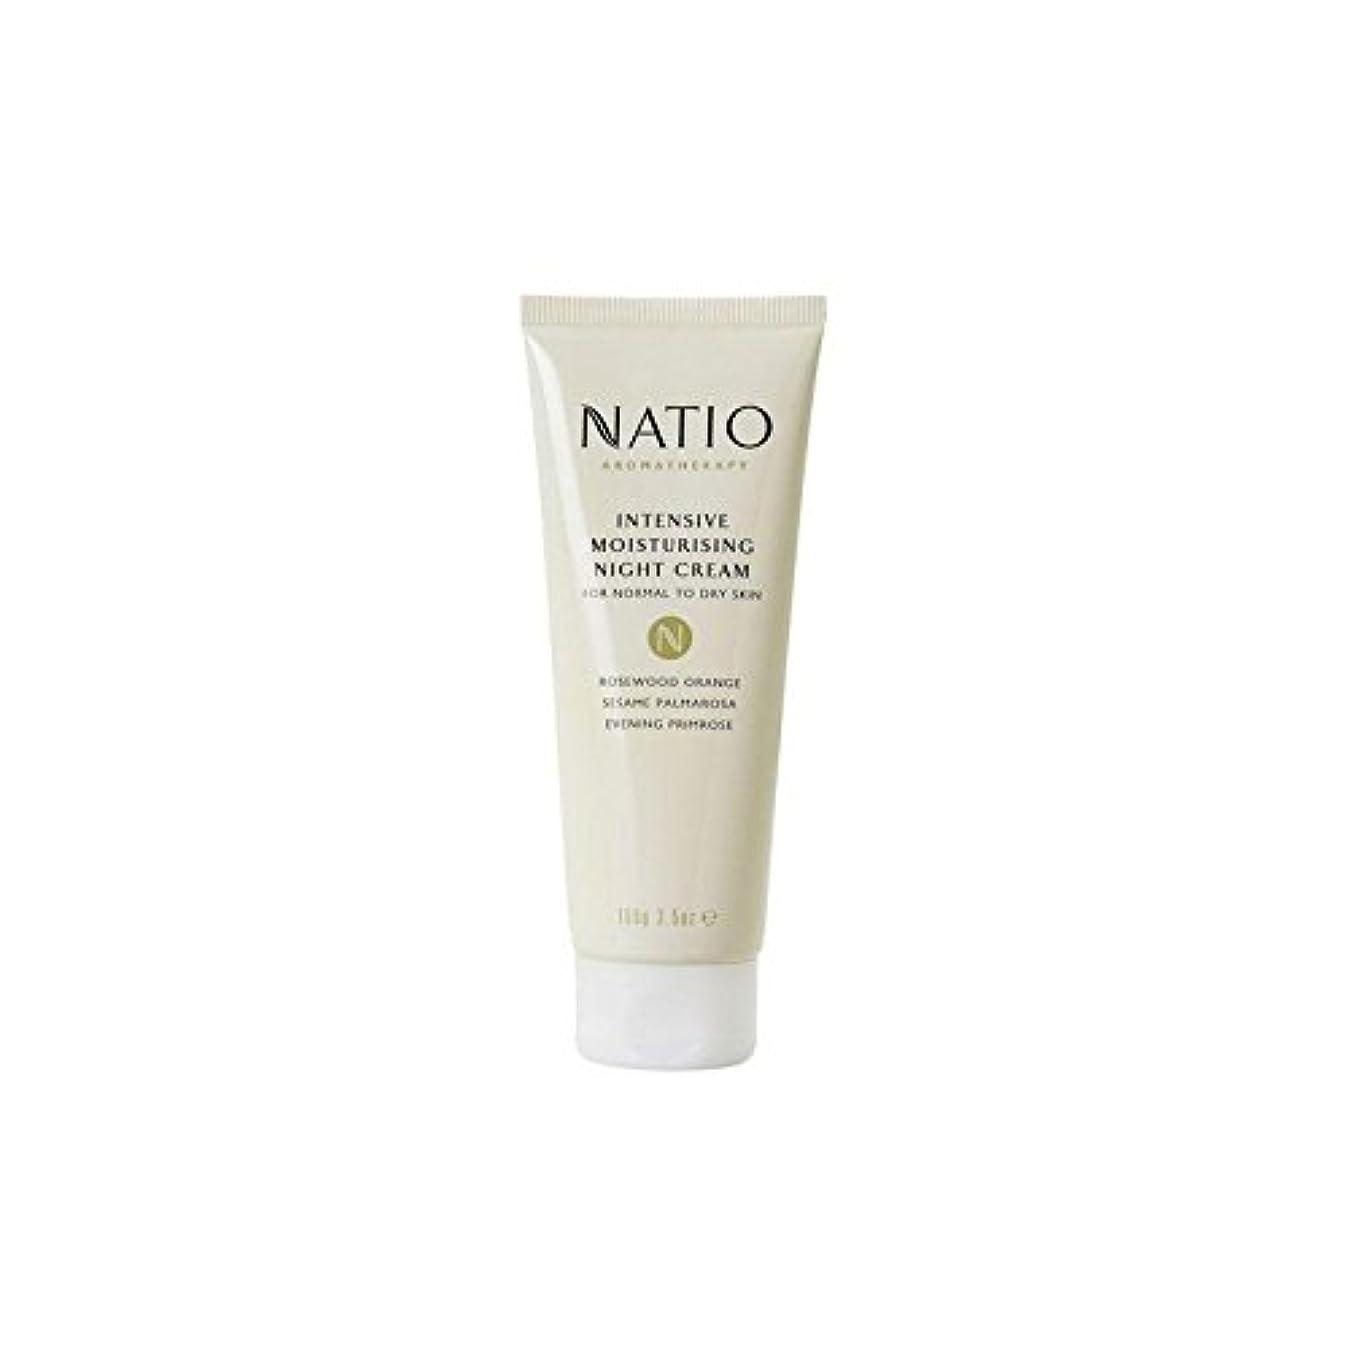 市町村ナイロン逆説Natio Intensive Moisturising Night Cream (100G) - 集中的な保湿ナイトクリーム(100グラム) [並行輸入品]